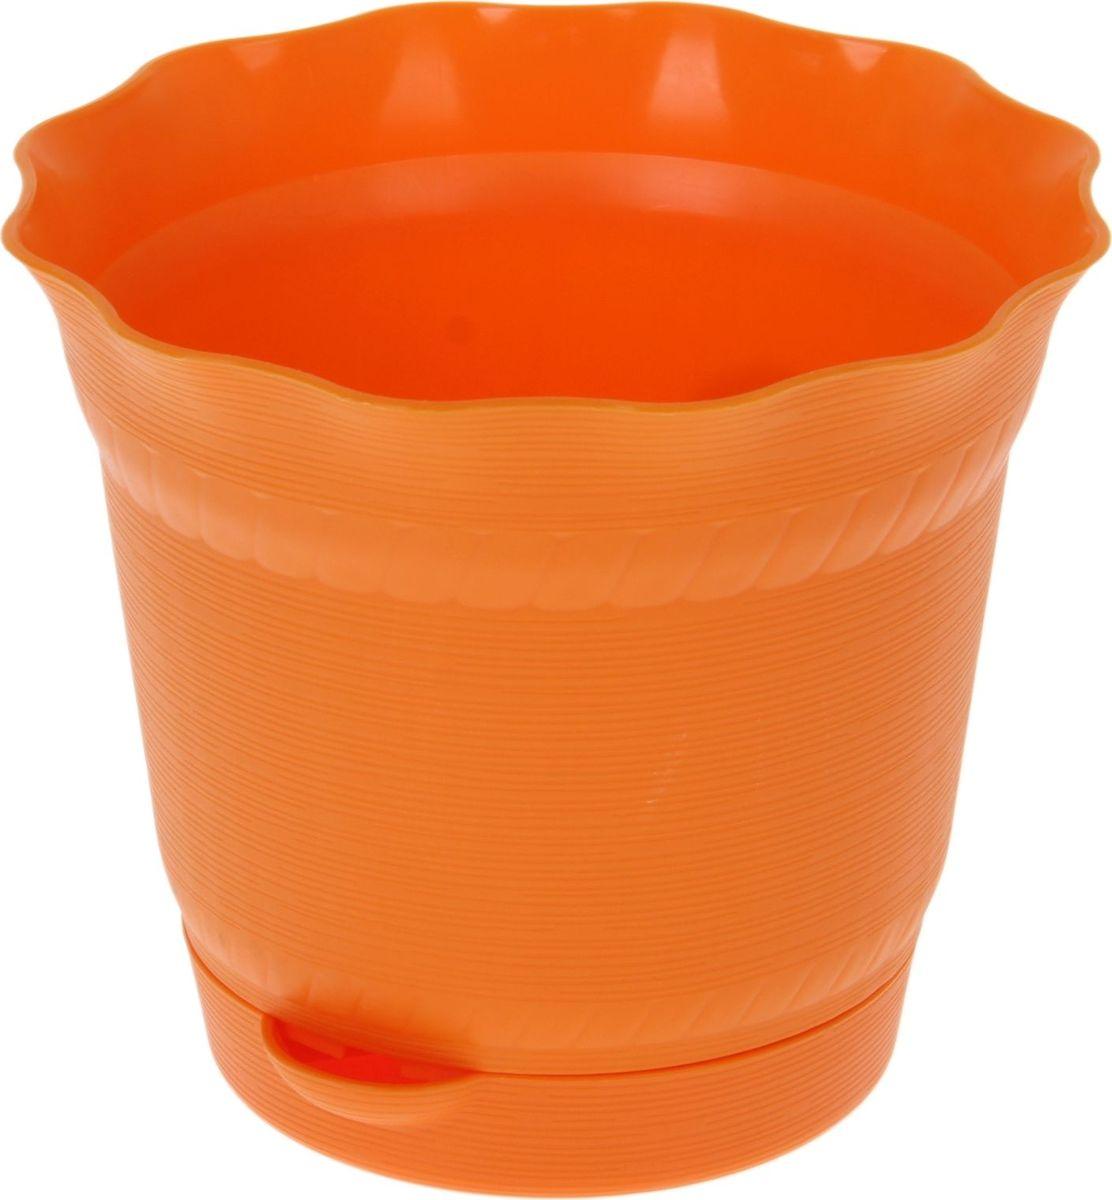 Горшок для цветов ТЕК.А.ТЕК Aquarelle, с поддоном, цвет: светло-оранжевый, 0,5 л1141562Любой, даже самый современный и продуманный интерьер будет не завершённым без растений. Они не только очищают воздух и насыщают его кислородом, но и заметно украшают окружающее пространство. Такому полезному &laquo члену семьи&raquoпросто необходимо красивое и функциональное кашпо, оригинальный горшок или необычная ваза! Мы предлагаем - Горшок для цветов с поддоном 500 мл Aquarelle d=11,7 см, цвет светло-оранжевый!Оптимальный выбор материала &mdash &nbsp пластмасса! Почему мы так считаем? Малый вес. С лёгкостью переносите горшки и кашпо с места на место, ставьте их на столики или полки, подвешивайте под потолок, не беспокоясь о нагрузке. Простота ухода. Пластиковые изделия не нуждаются в специальных условиях хранения. Их&nbsp легко чистить &mdashдостаточно просто сполоснуть тёплой водой. Никаких царапин. Пластиковые кашпо не царапают и не загрязняют поверхности, на которых стоят. Пластик дольше хранит влагу, а значит &mdashрастение реже нуждается в поливе. Пластмасса не пропускает воздух &mdashкорневой системе растения не грозят резкие перепады температур. Огромный выбор форм, декора и расцветок &mdashвы без труда подберёте что-то, что идеально впишется в уже существующий интерьер.Соблюдая нехитрые правила ухода, вы можете заметно продлить срок службы горшков, вазонов и кашпо из пластика: всегда учитывайте размер кроны и корневой системы растения (при разрастании большое растение способно повредить маленький горшок)берегите изделие от воздействия прямых солнечных лучей, чтобы кашпо и горшки не выцветалидержите кашпо и горшки из пластика подальше от нагревающихся поверхностей.Создавайте прекрасные цветочные композиции, выращивайте рассаду или необычные растения, а низкие цены позволят вам не ограничивать себя в выборе.